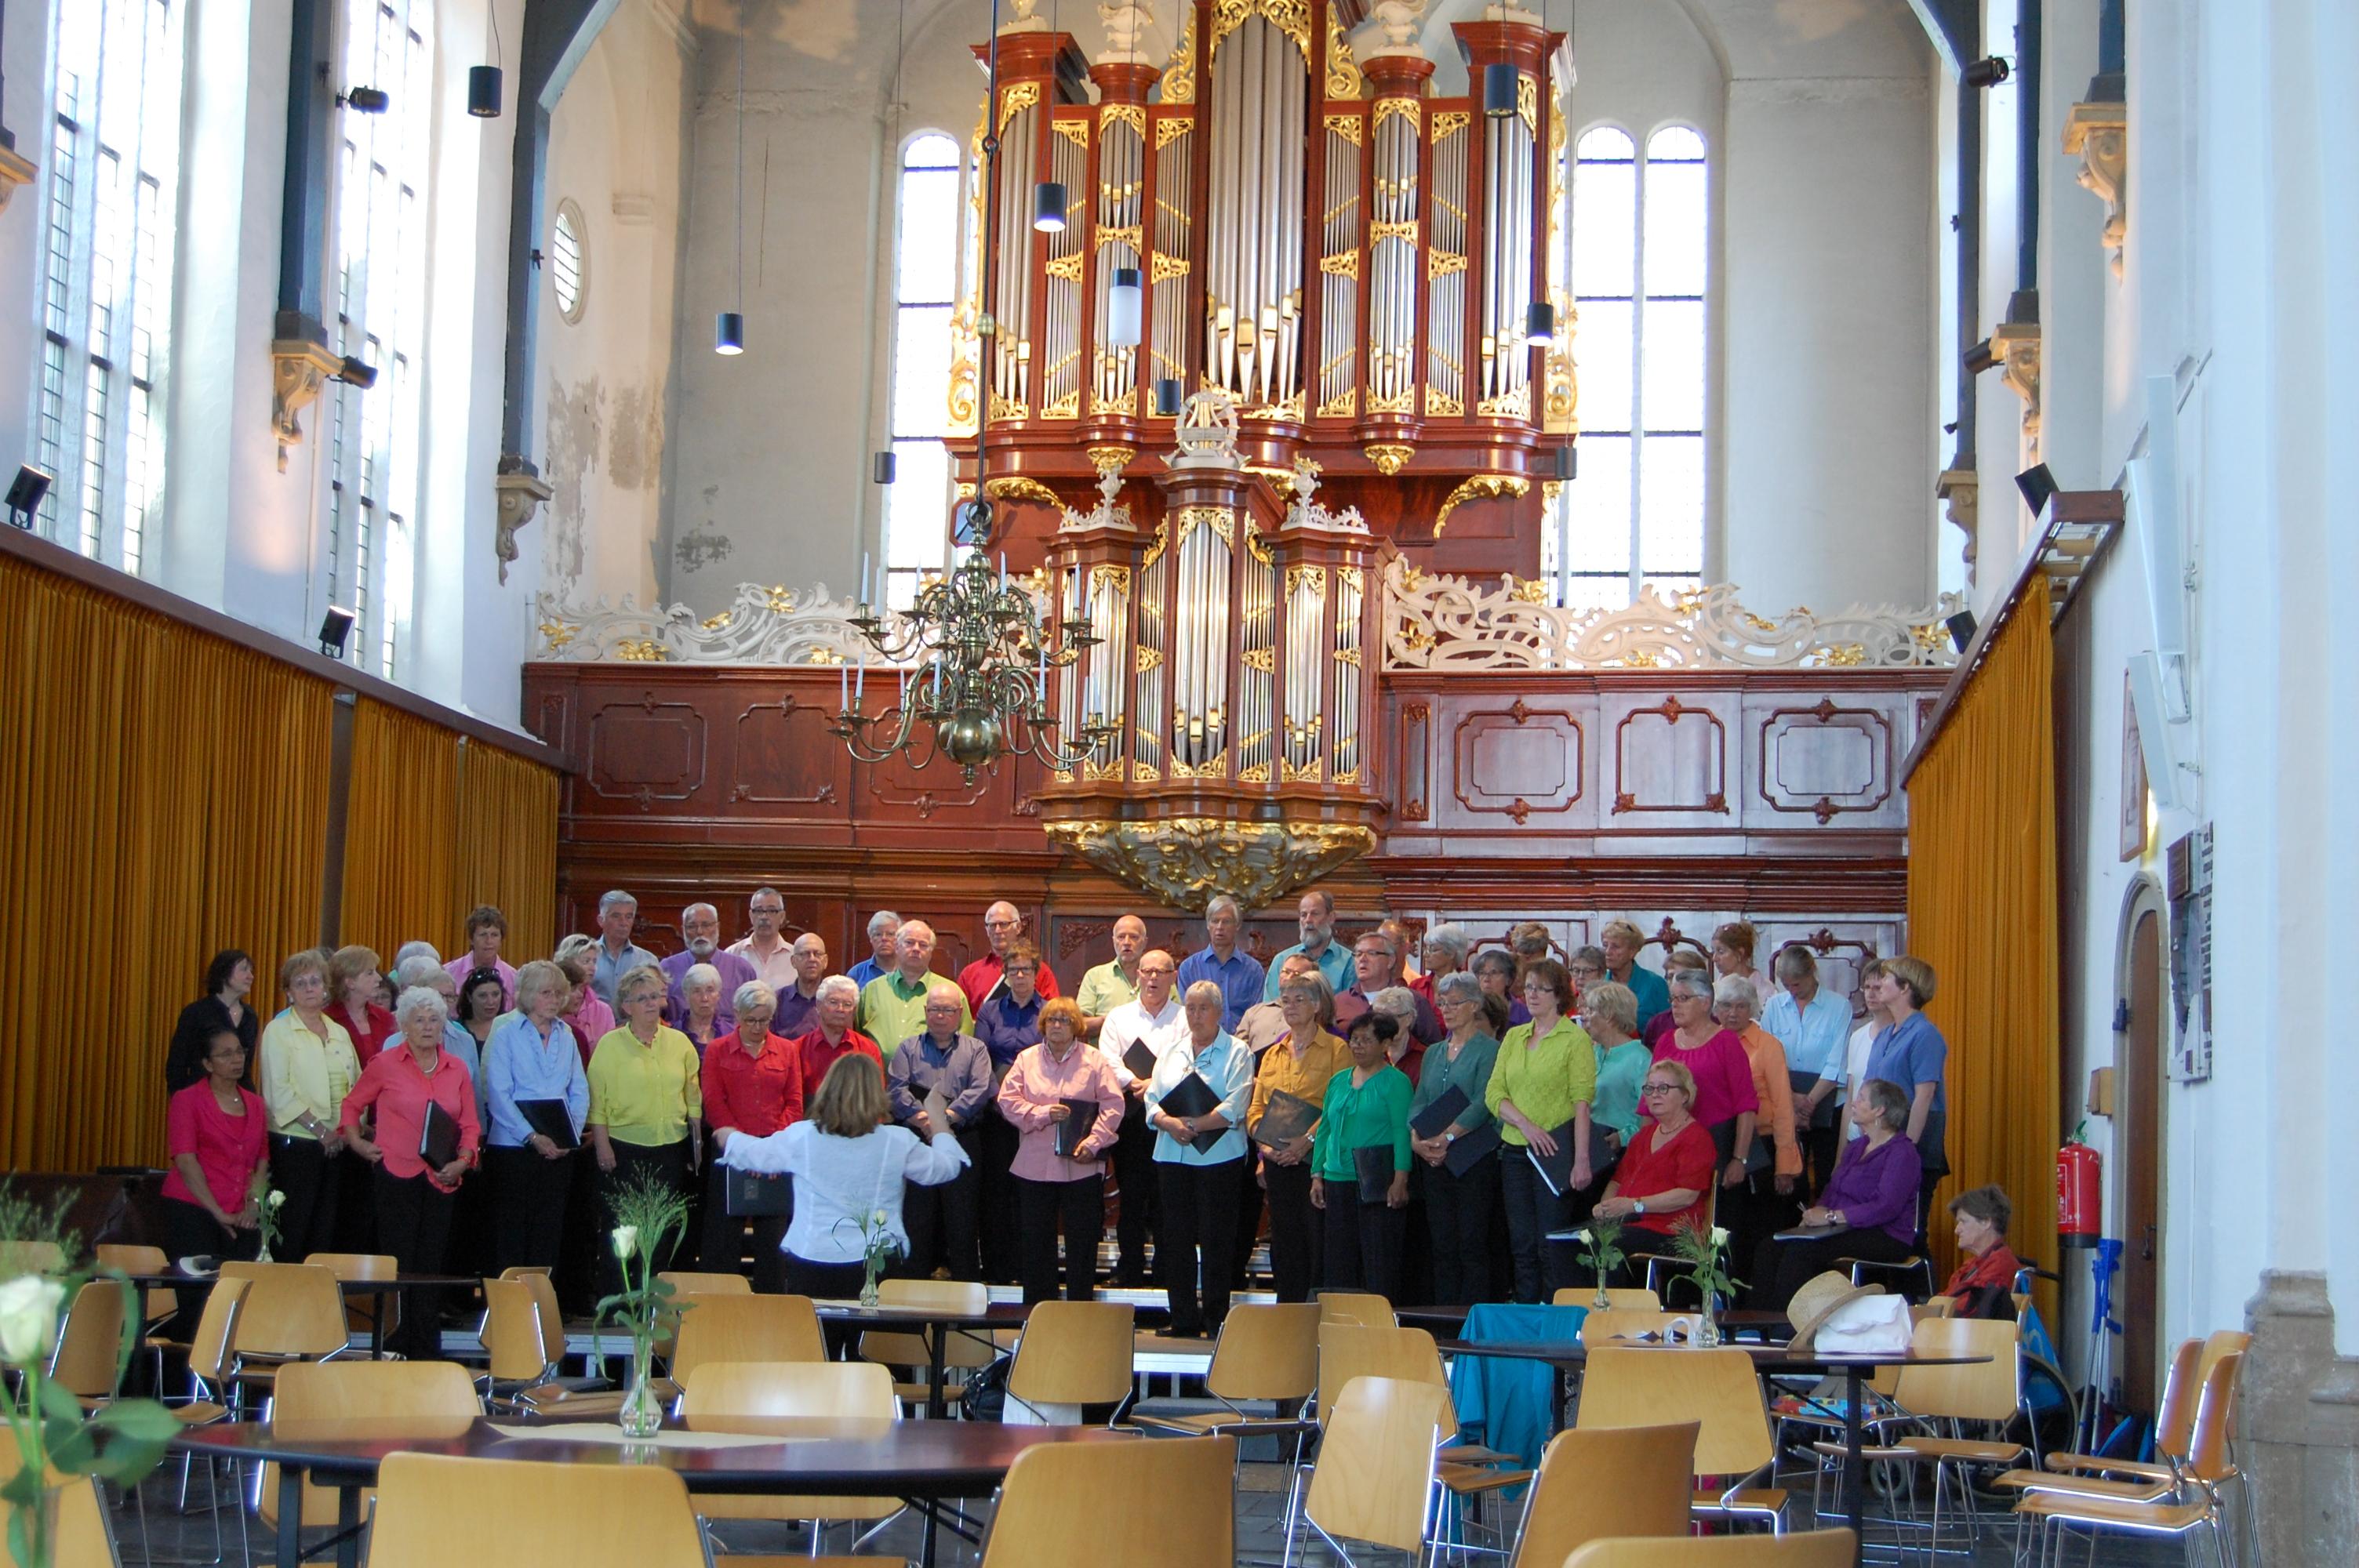 Concert in Hoorn